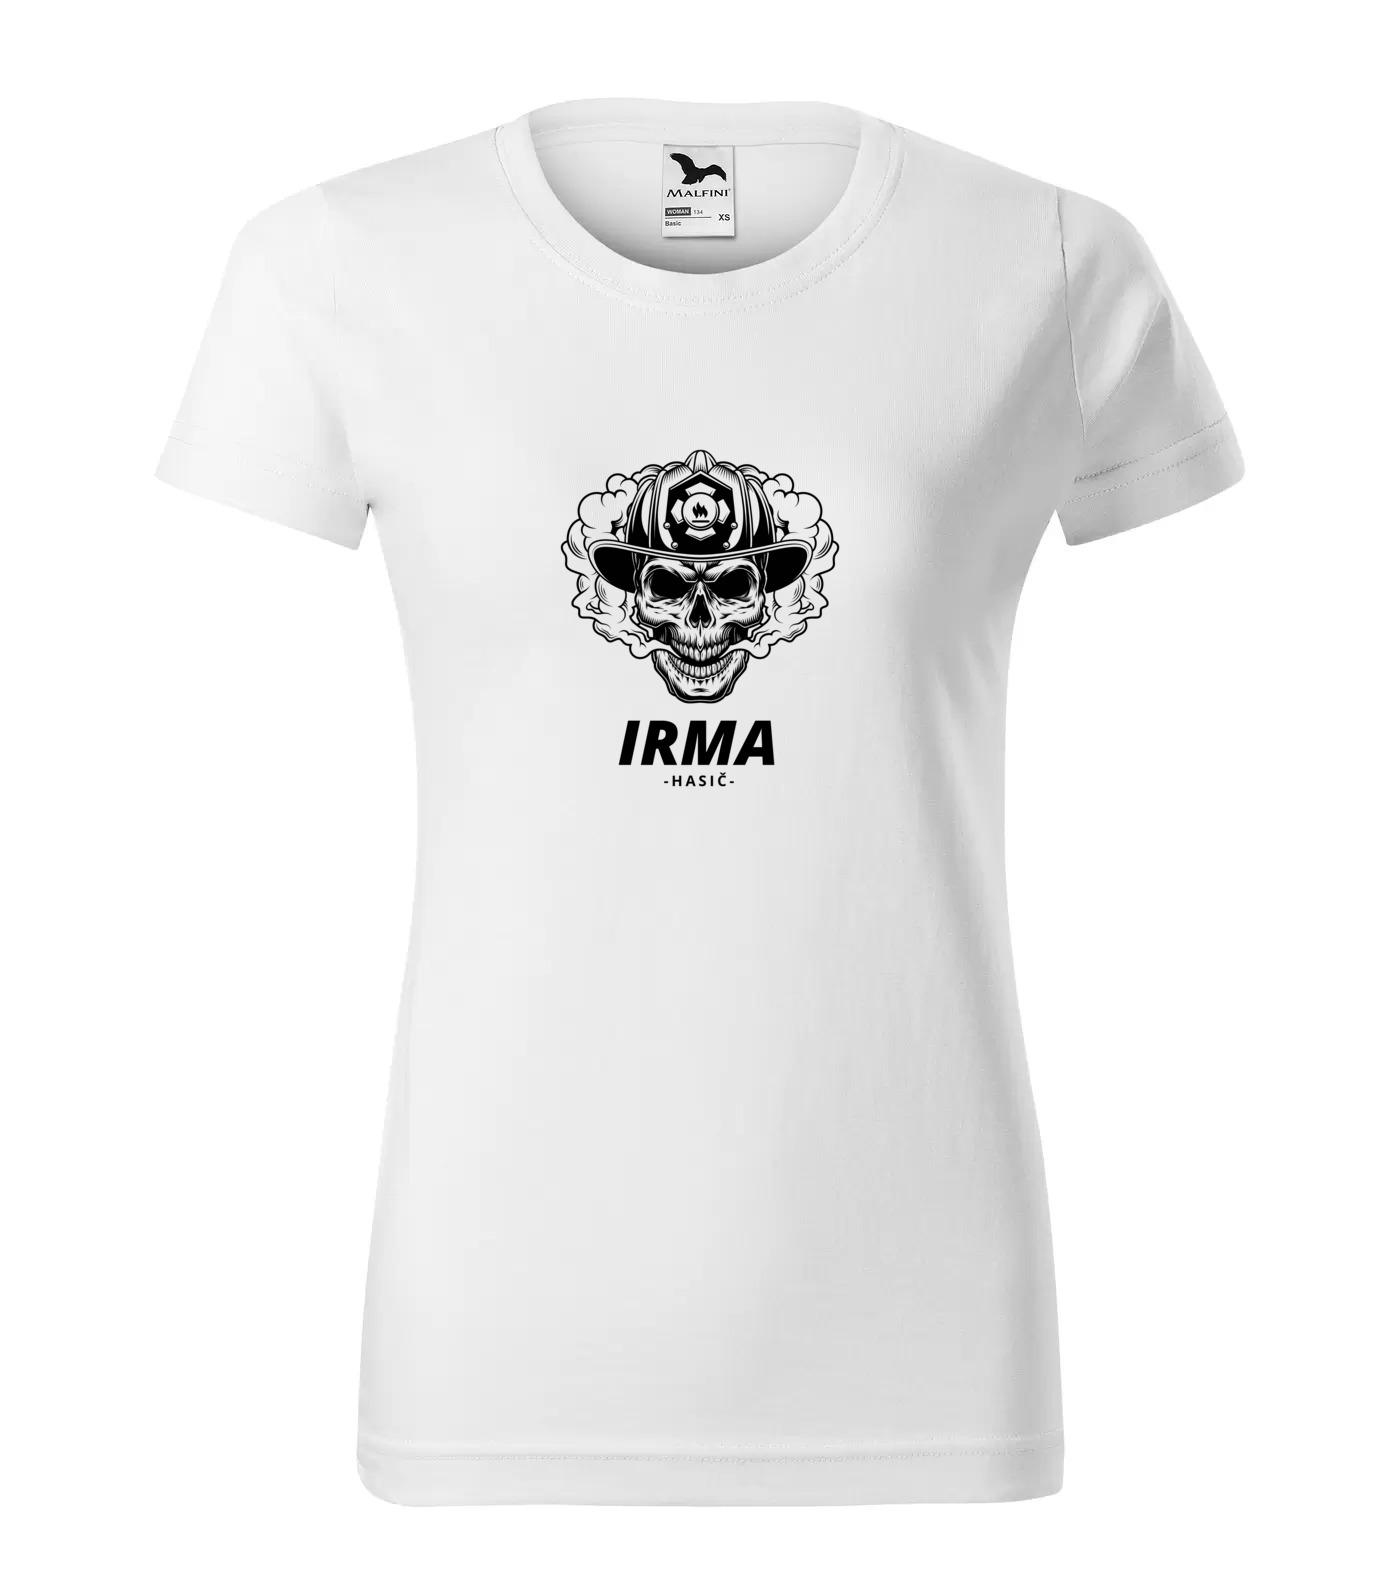 Tričko Hasič Irma